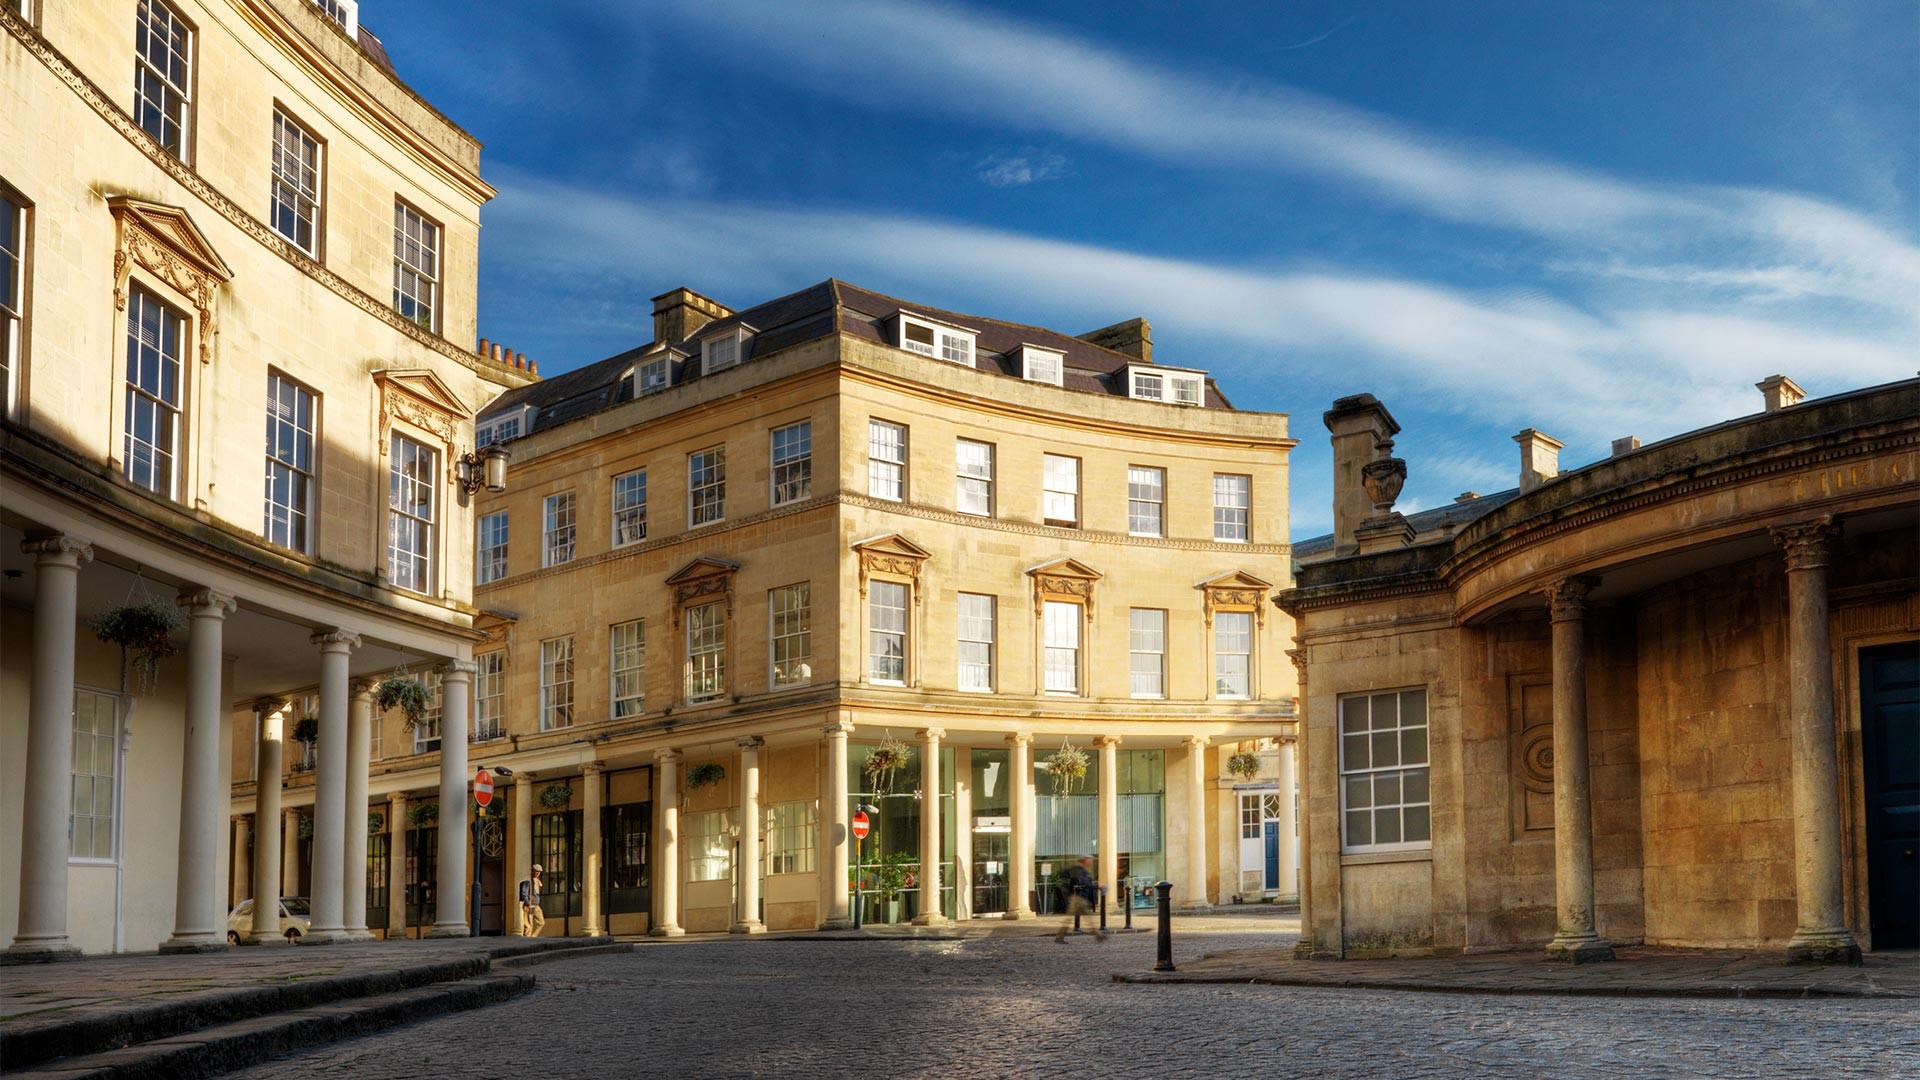 Shopping in Bath Spa, UK